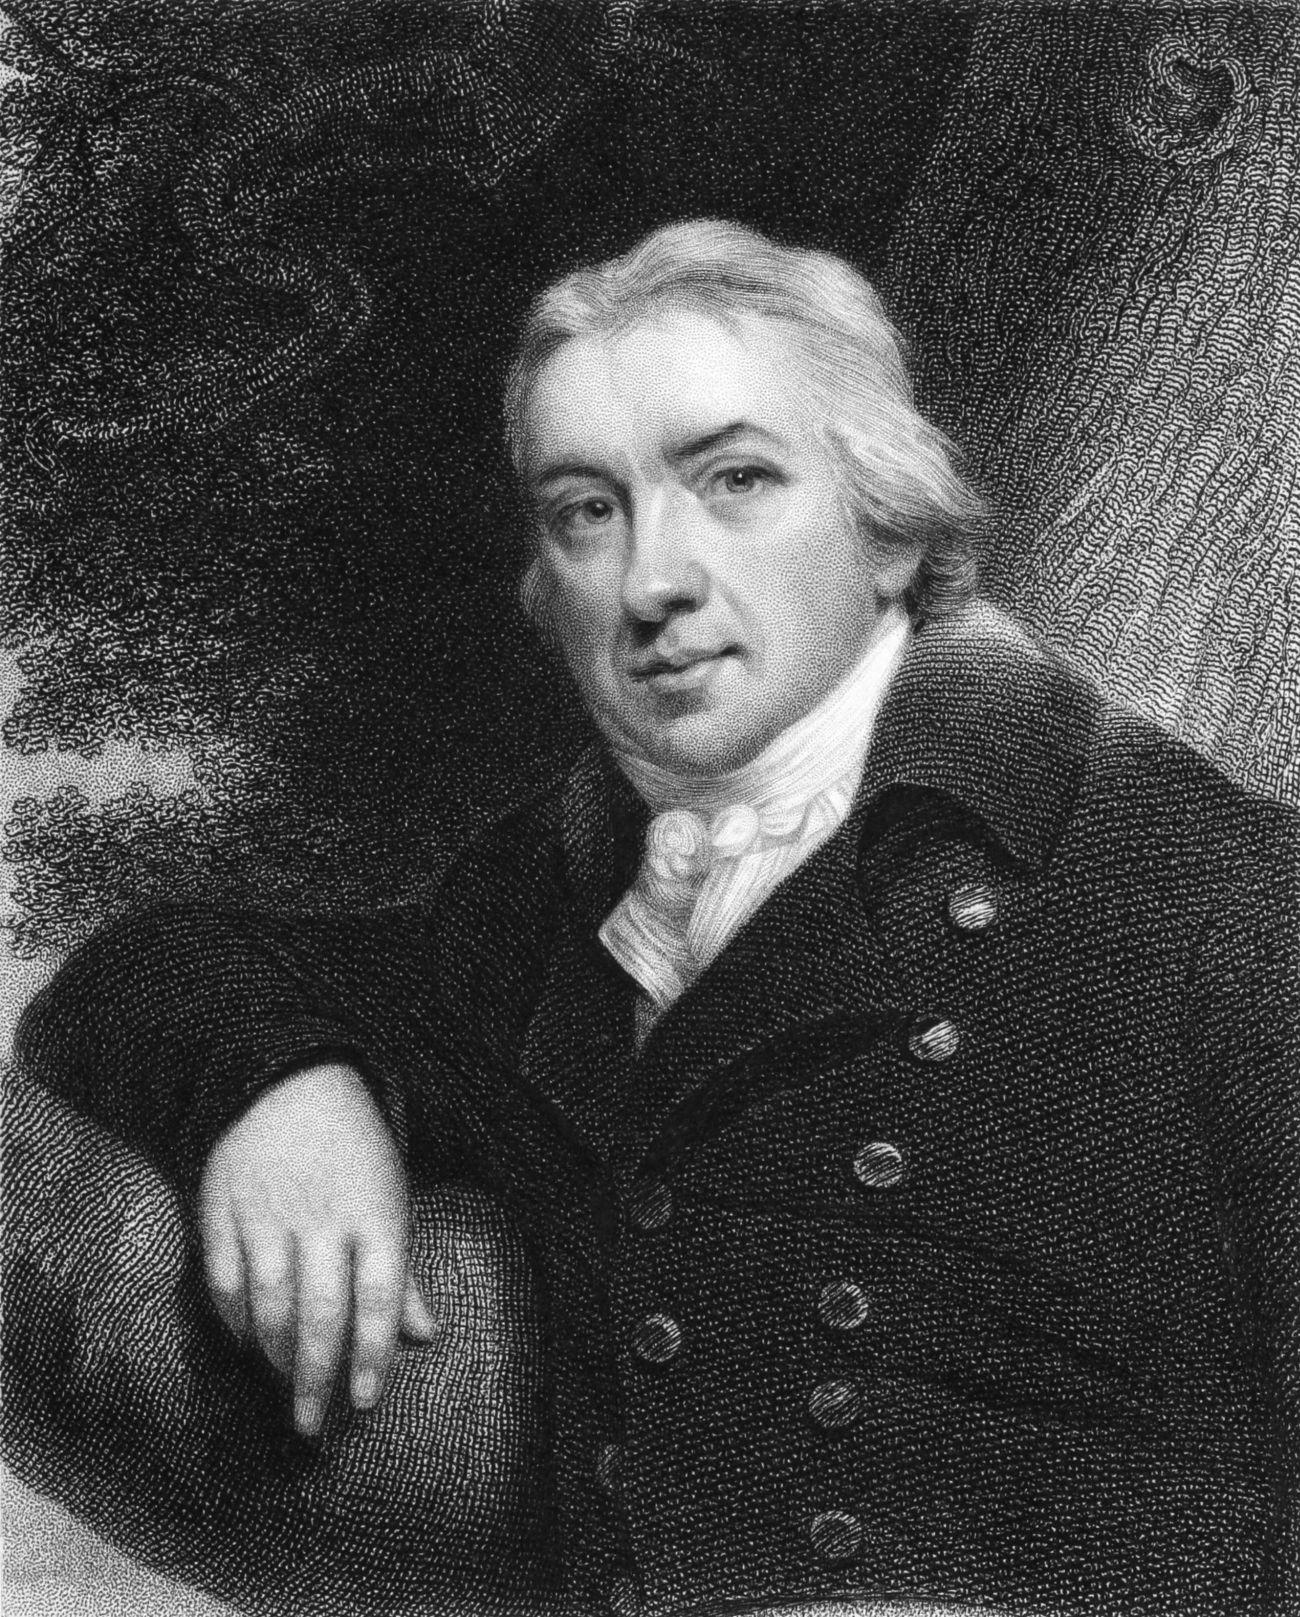 Edward Jenner - odkrywca szczepień ochronnych przeciw ospie.